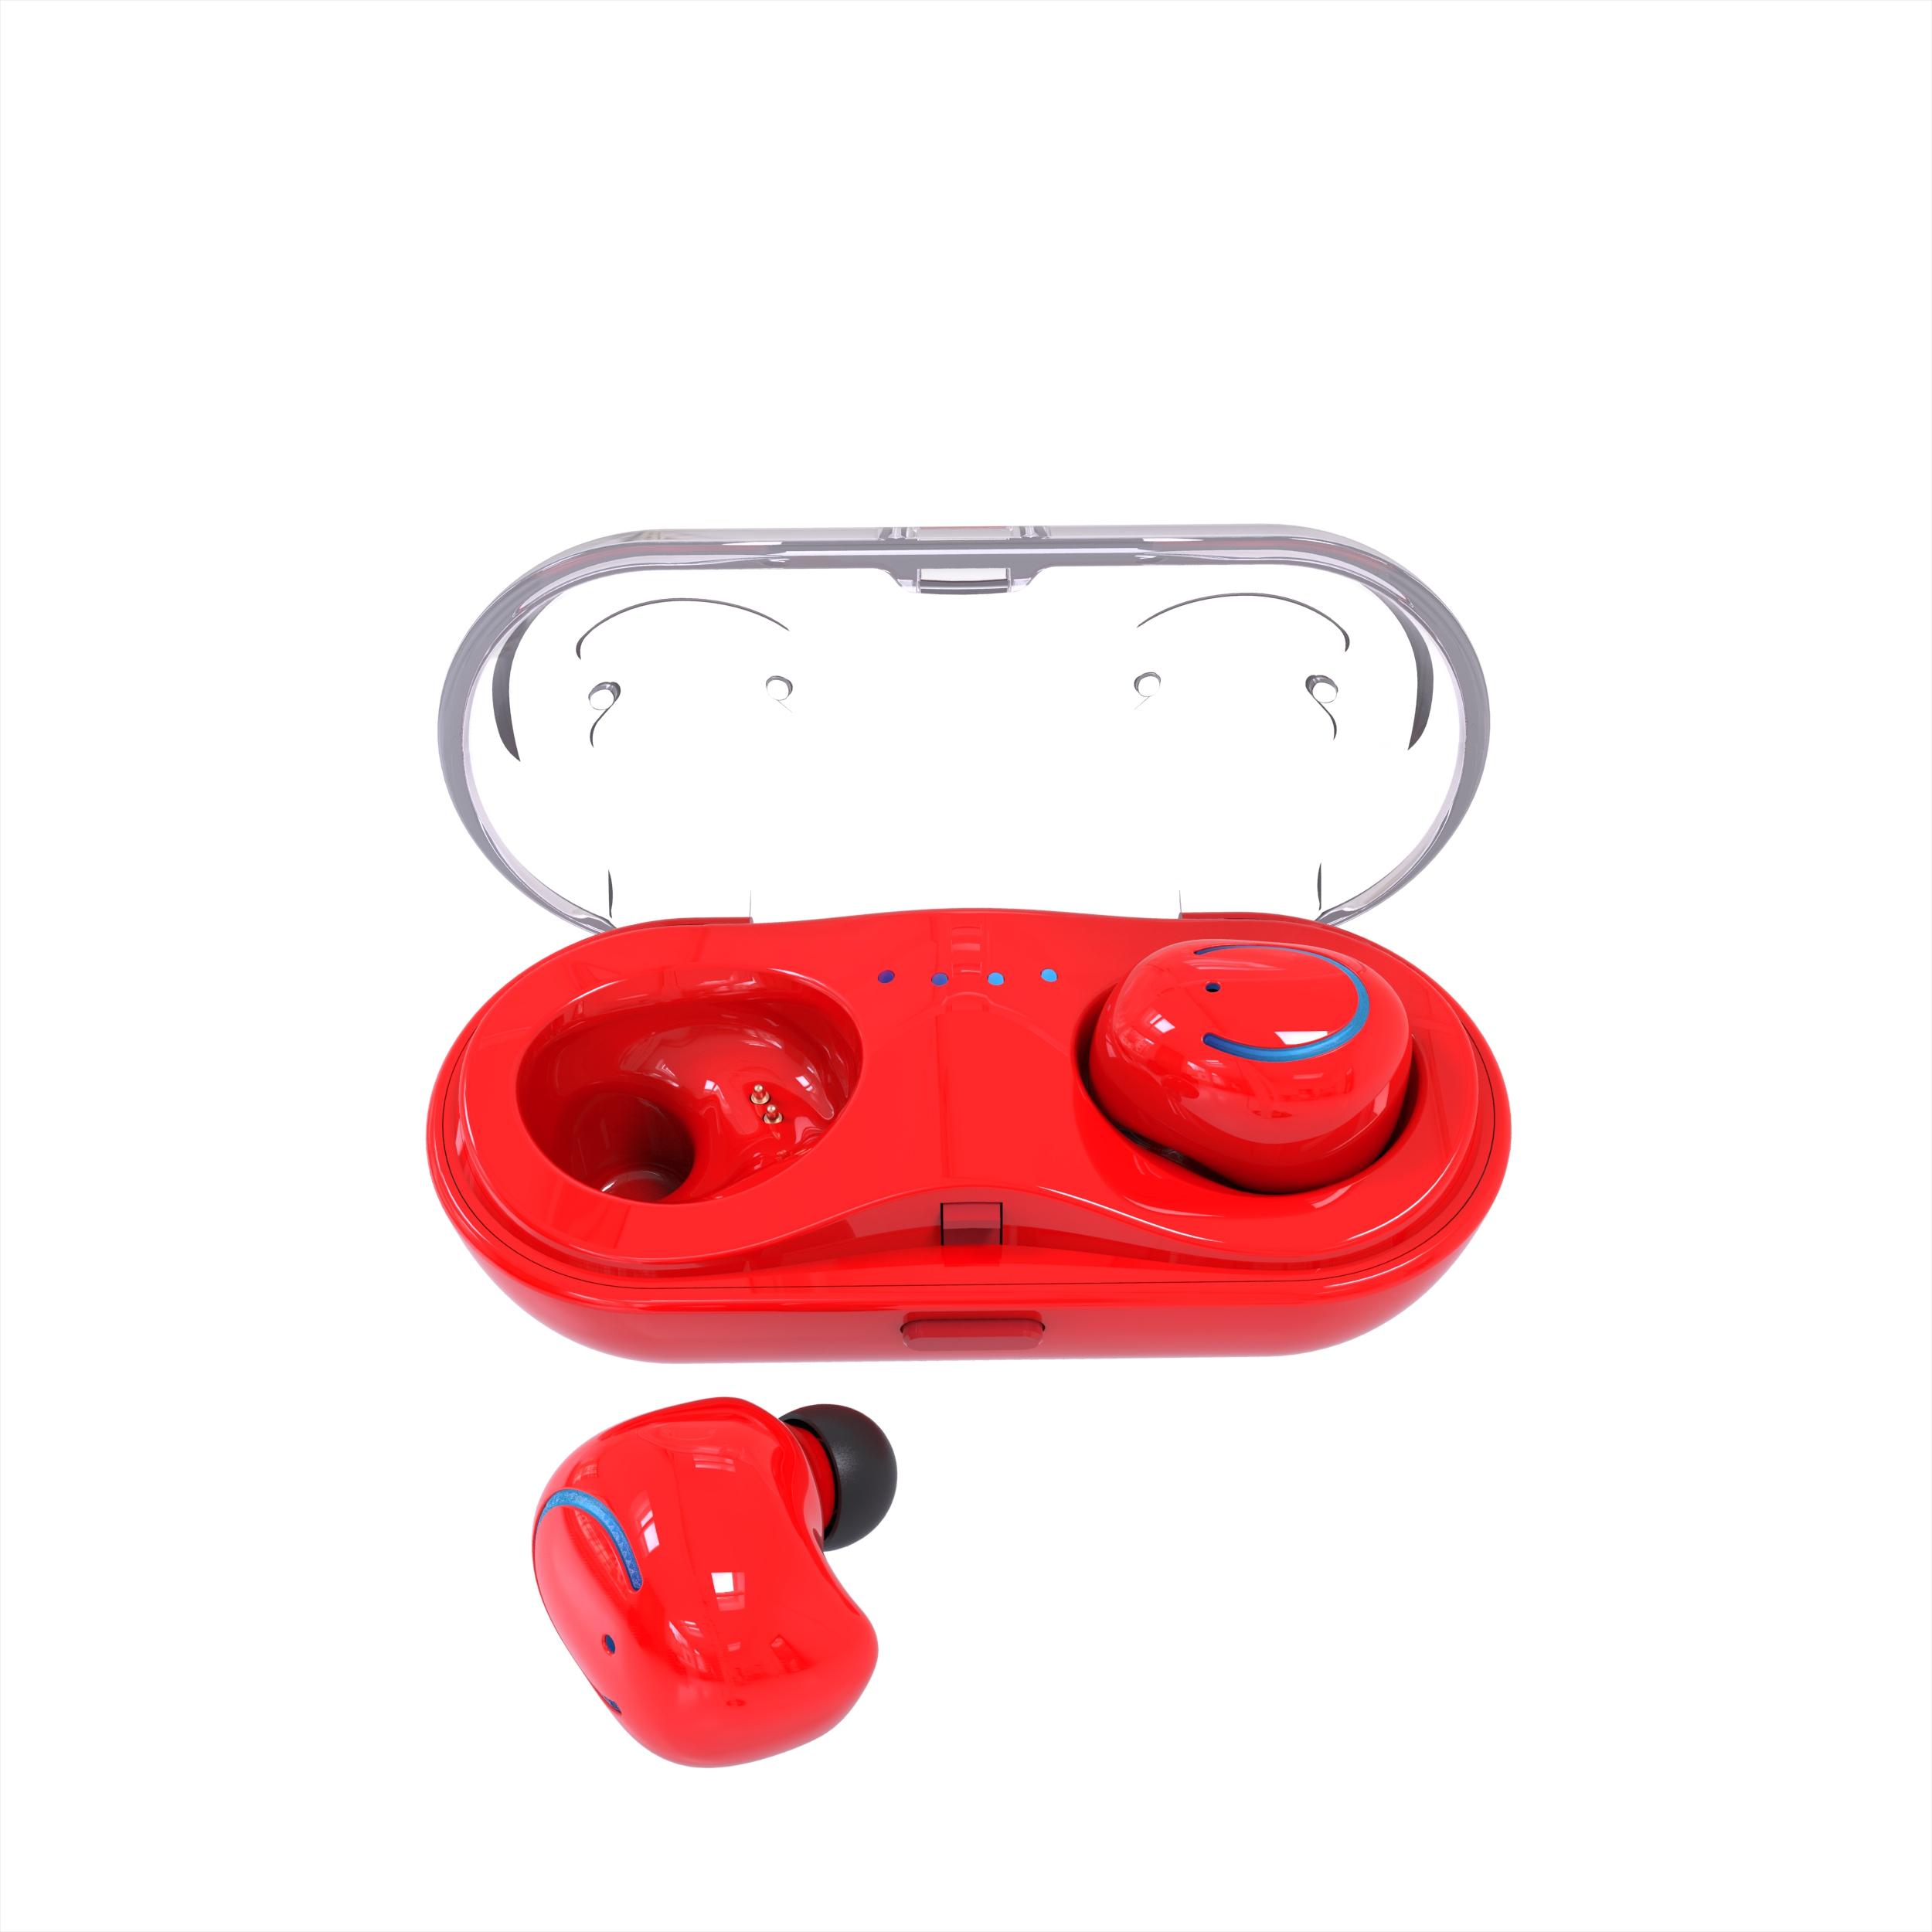 true wireless earbuds headset earbuds bluetooth 4.2